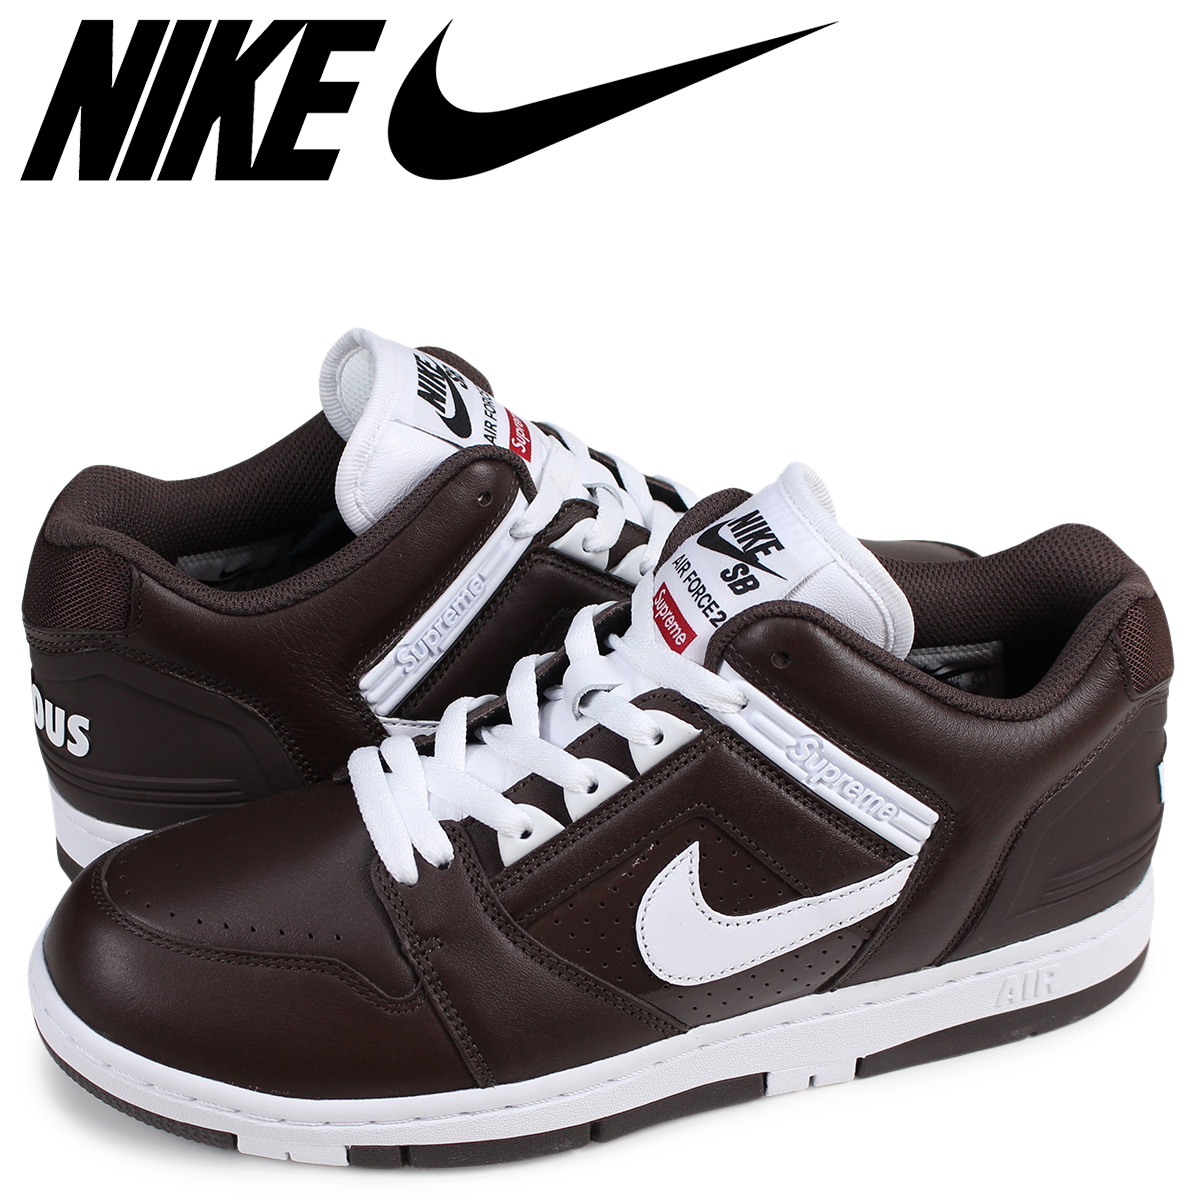 Nike SB Air Force II Supreme